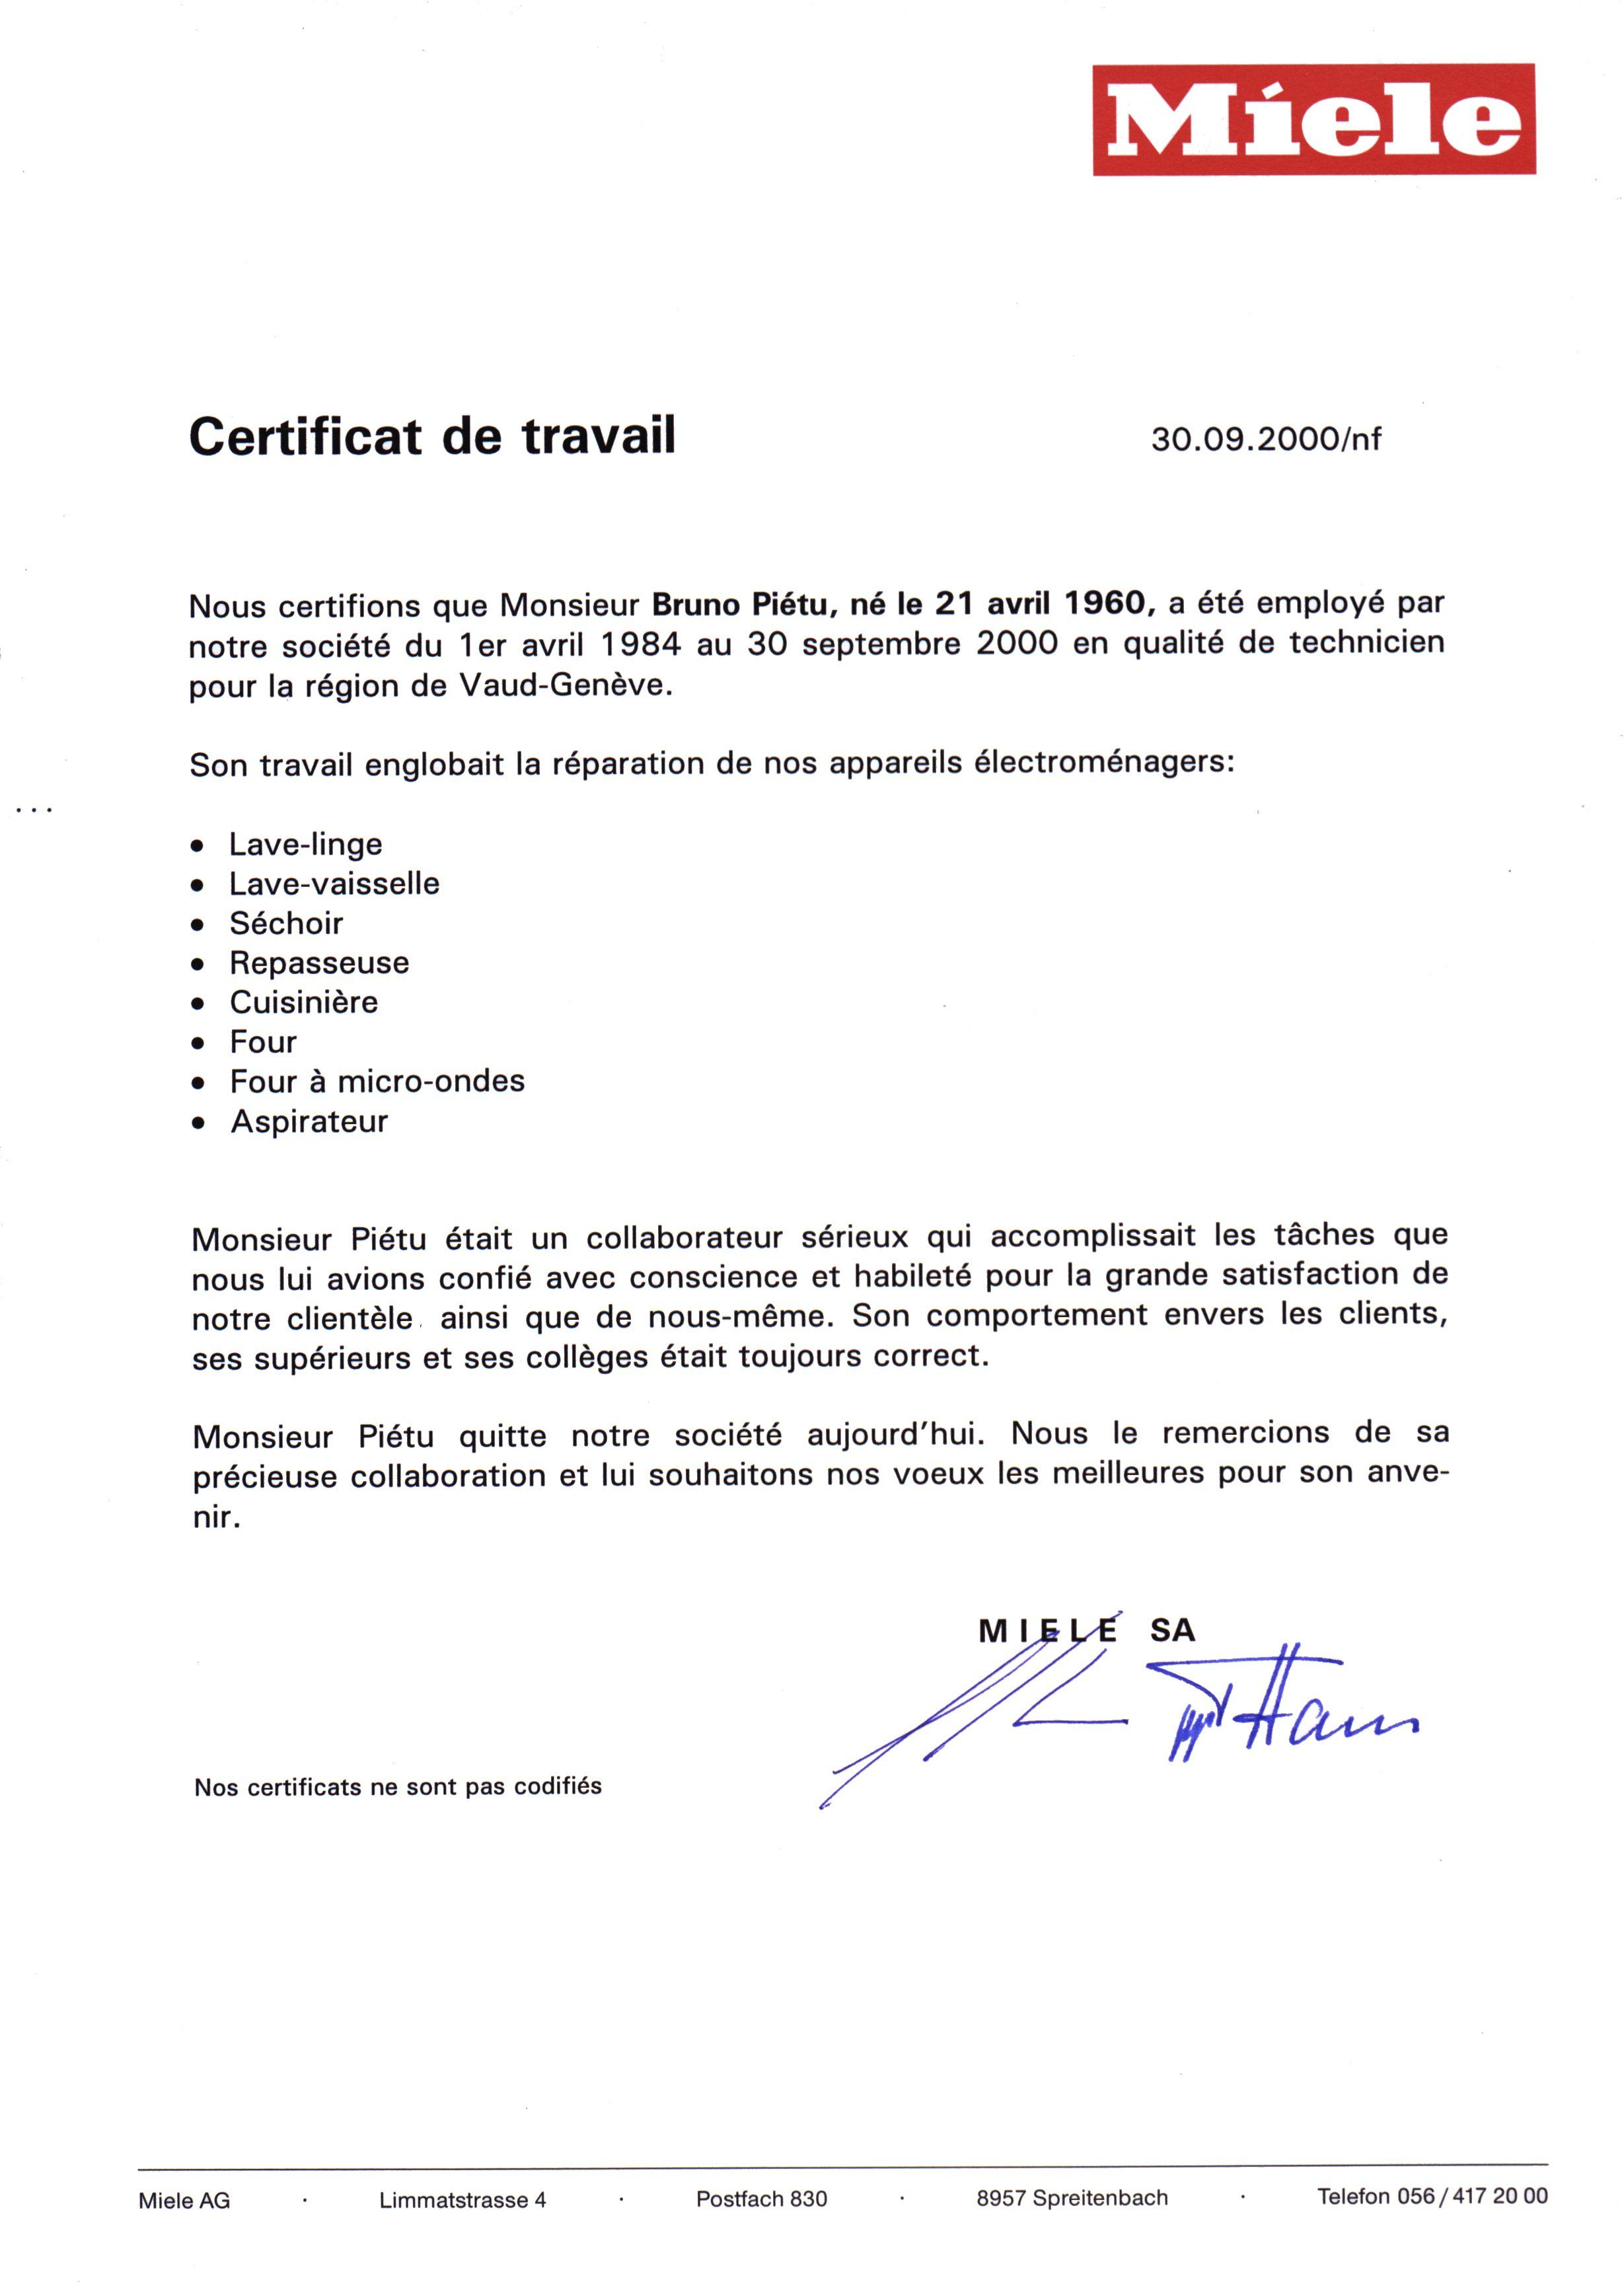 Exemple Certificat De Travail Mecanicien Certificat De Travail Certificat Travail